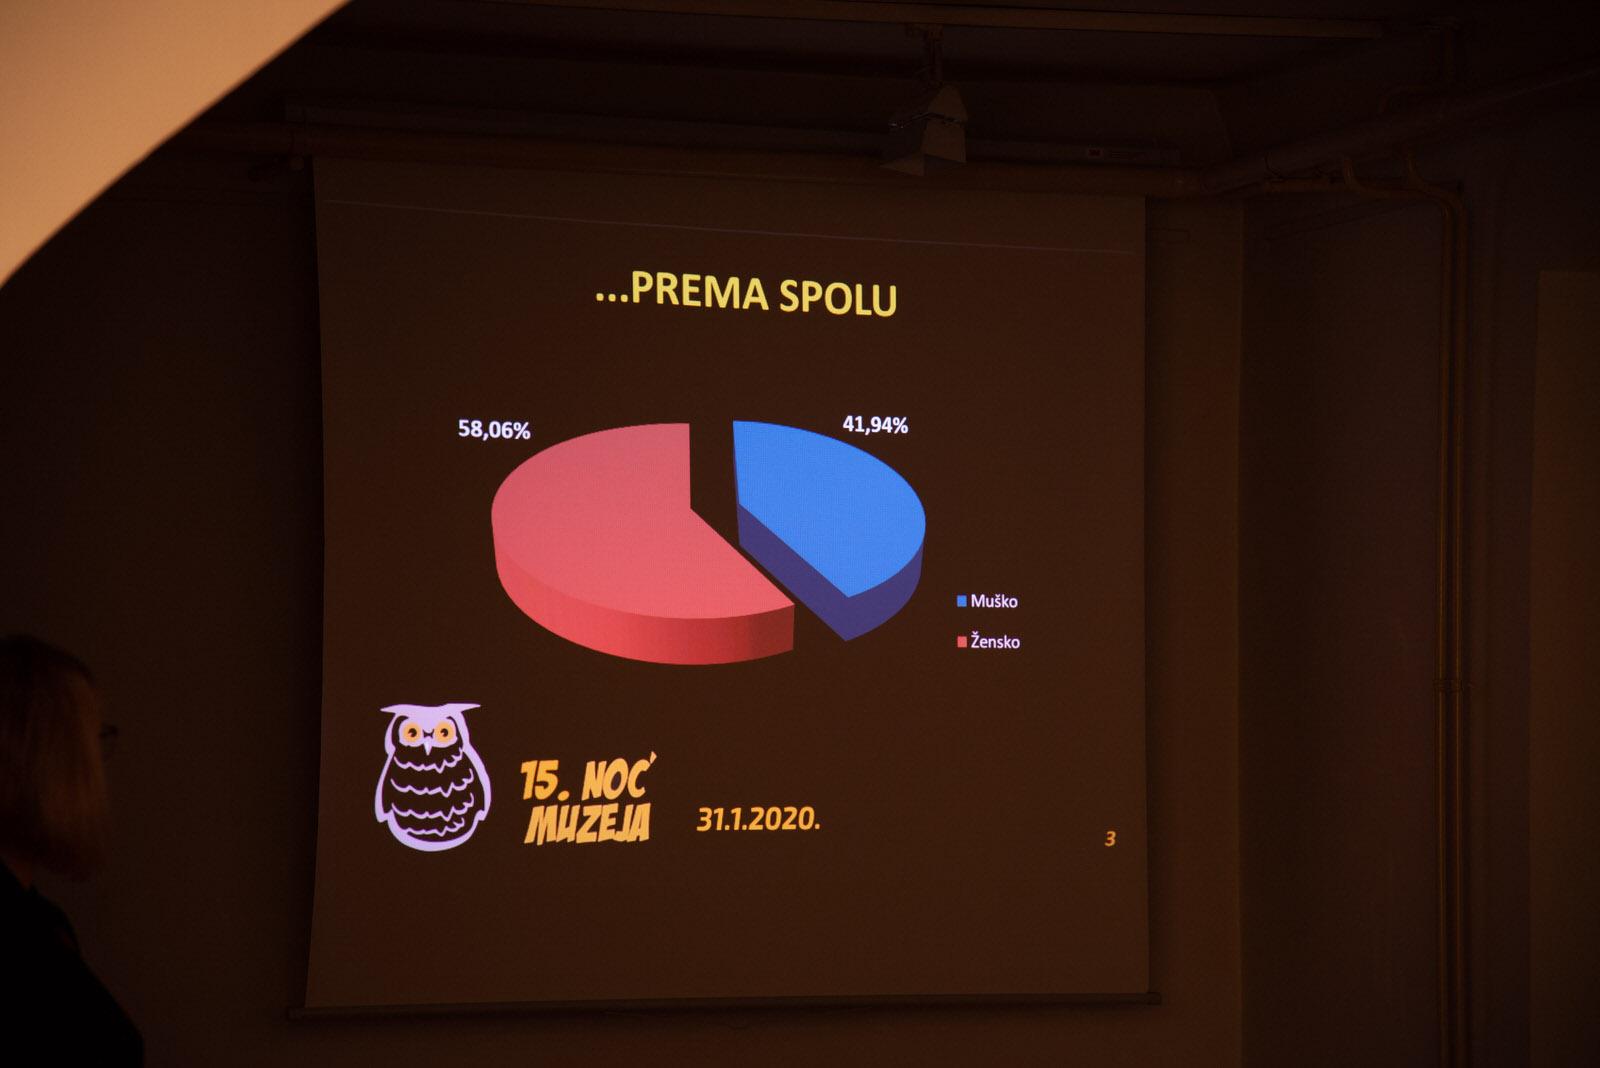 anketa rezultati (2)